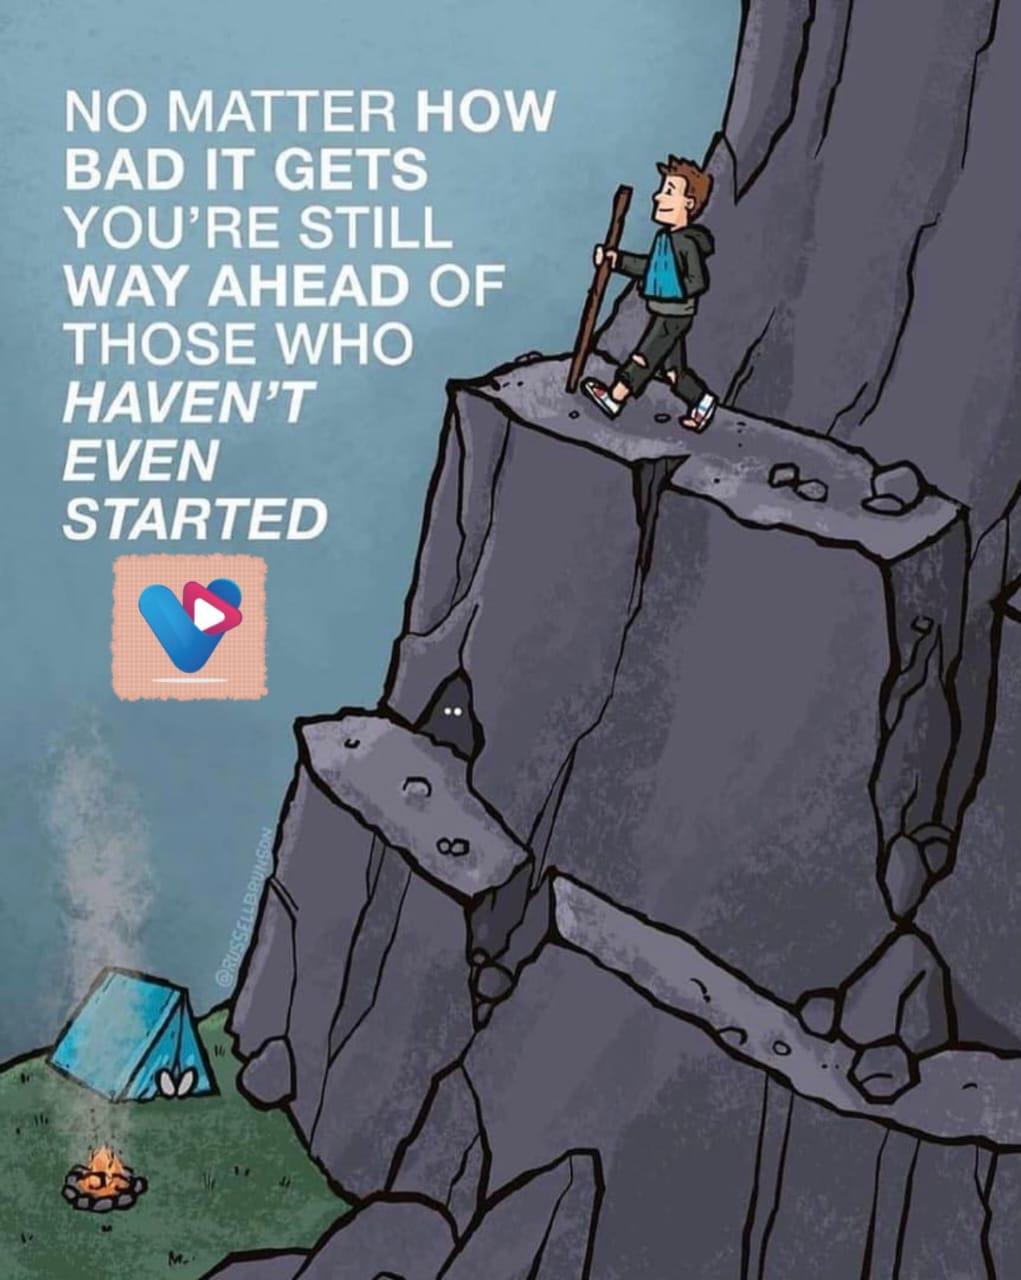 Tidak Peduli Bagaimana Situasinya, Anda Masih Lebih Jauh Dari Mereka Yang Belum Memulai